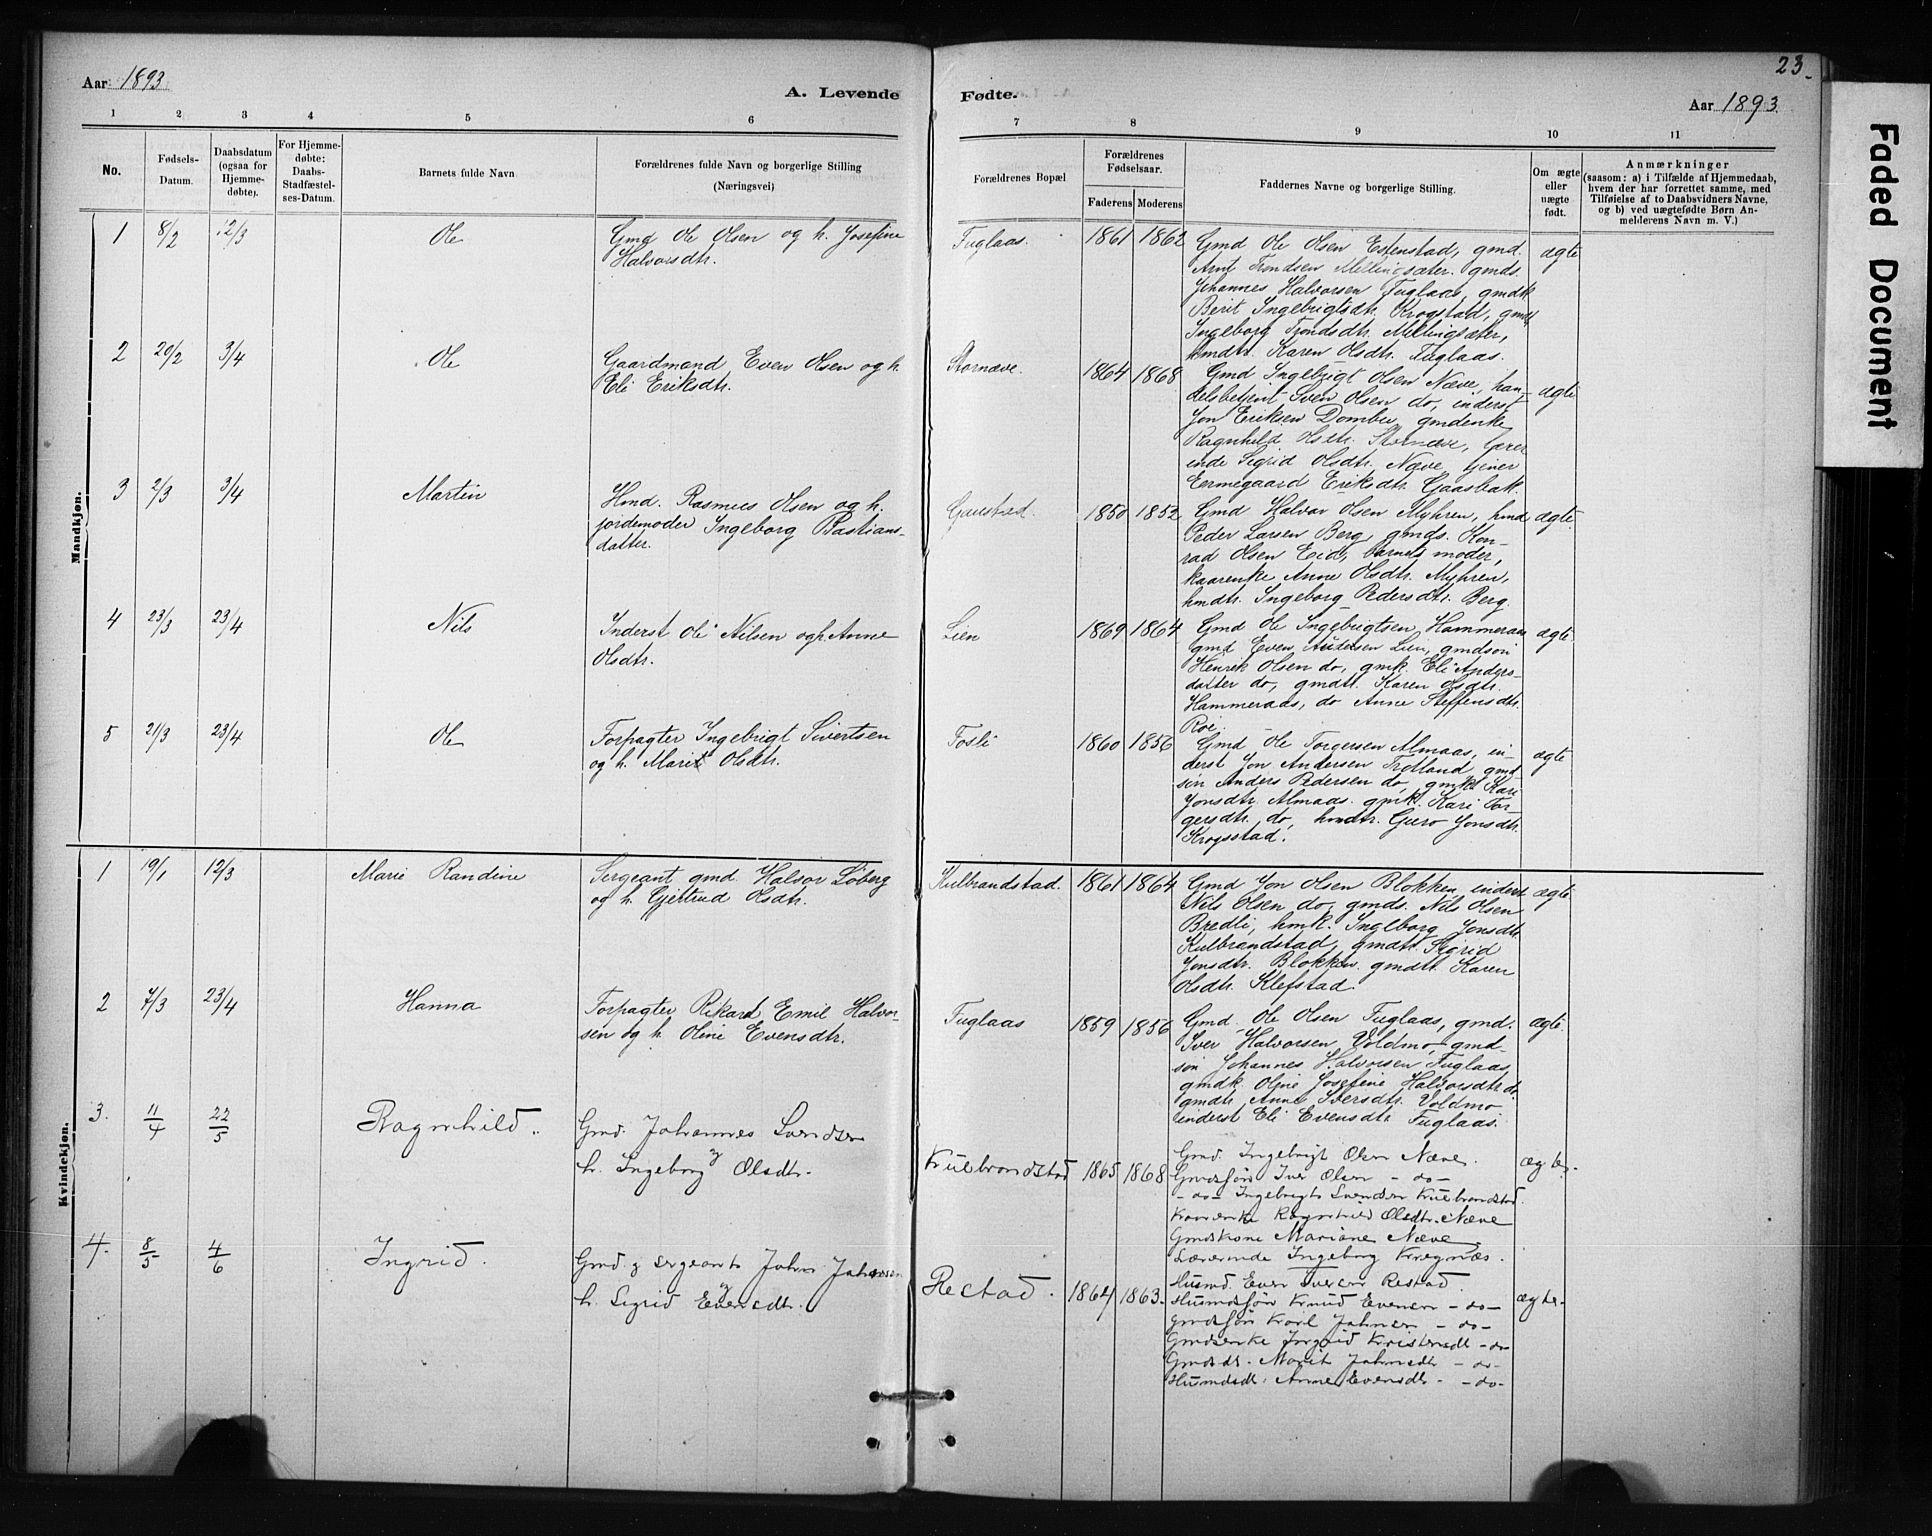 SAT, Ministerialprotokoller, klokkerbøker og fødselsregistre - Sør-Trøndelag, 694/L1127: Ministerialbok nr. 694A01, 1887-1905, s. 23